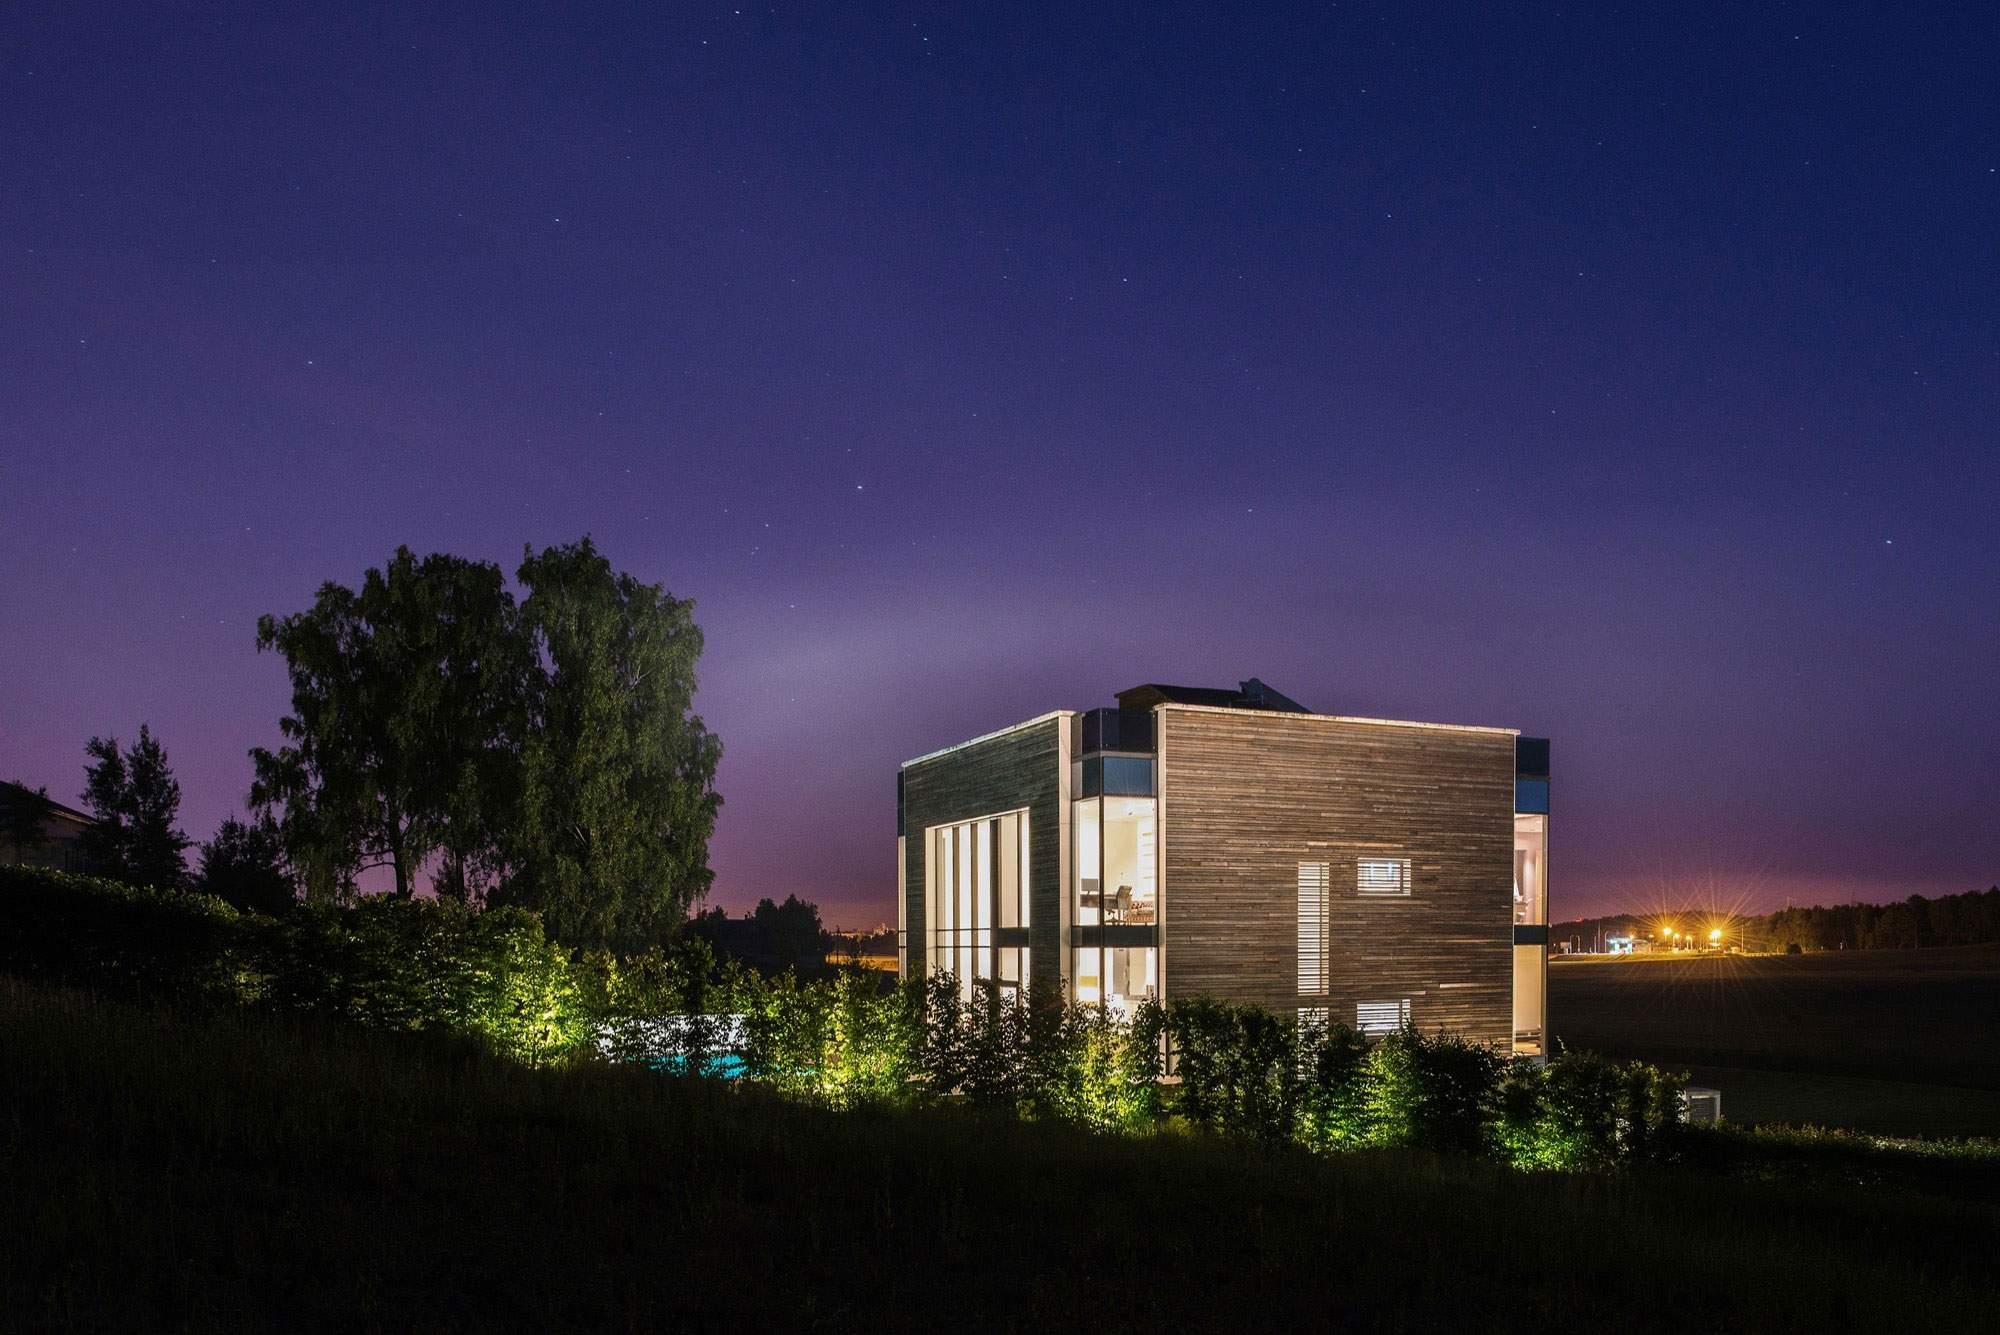 Ультрасовременный дом в стиле функционального минимализма в Белоруссии